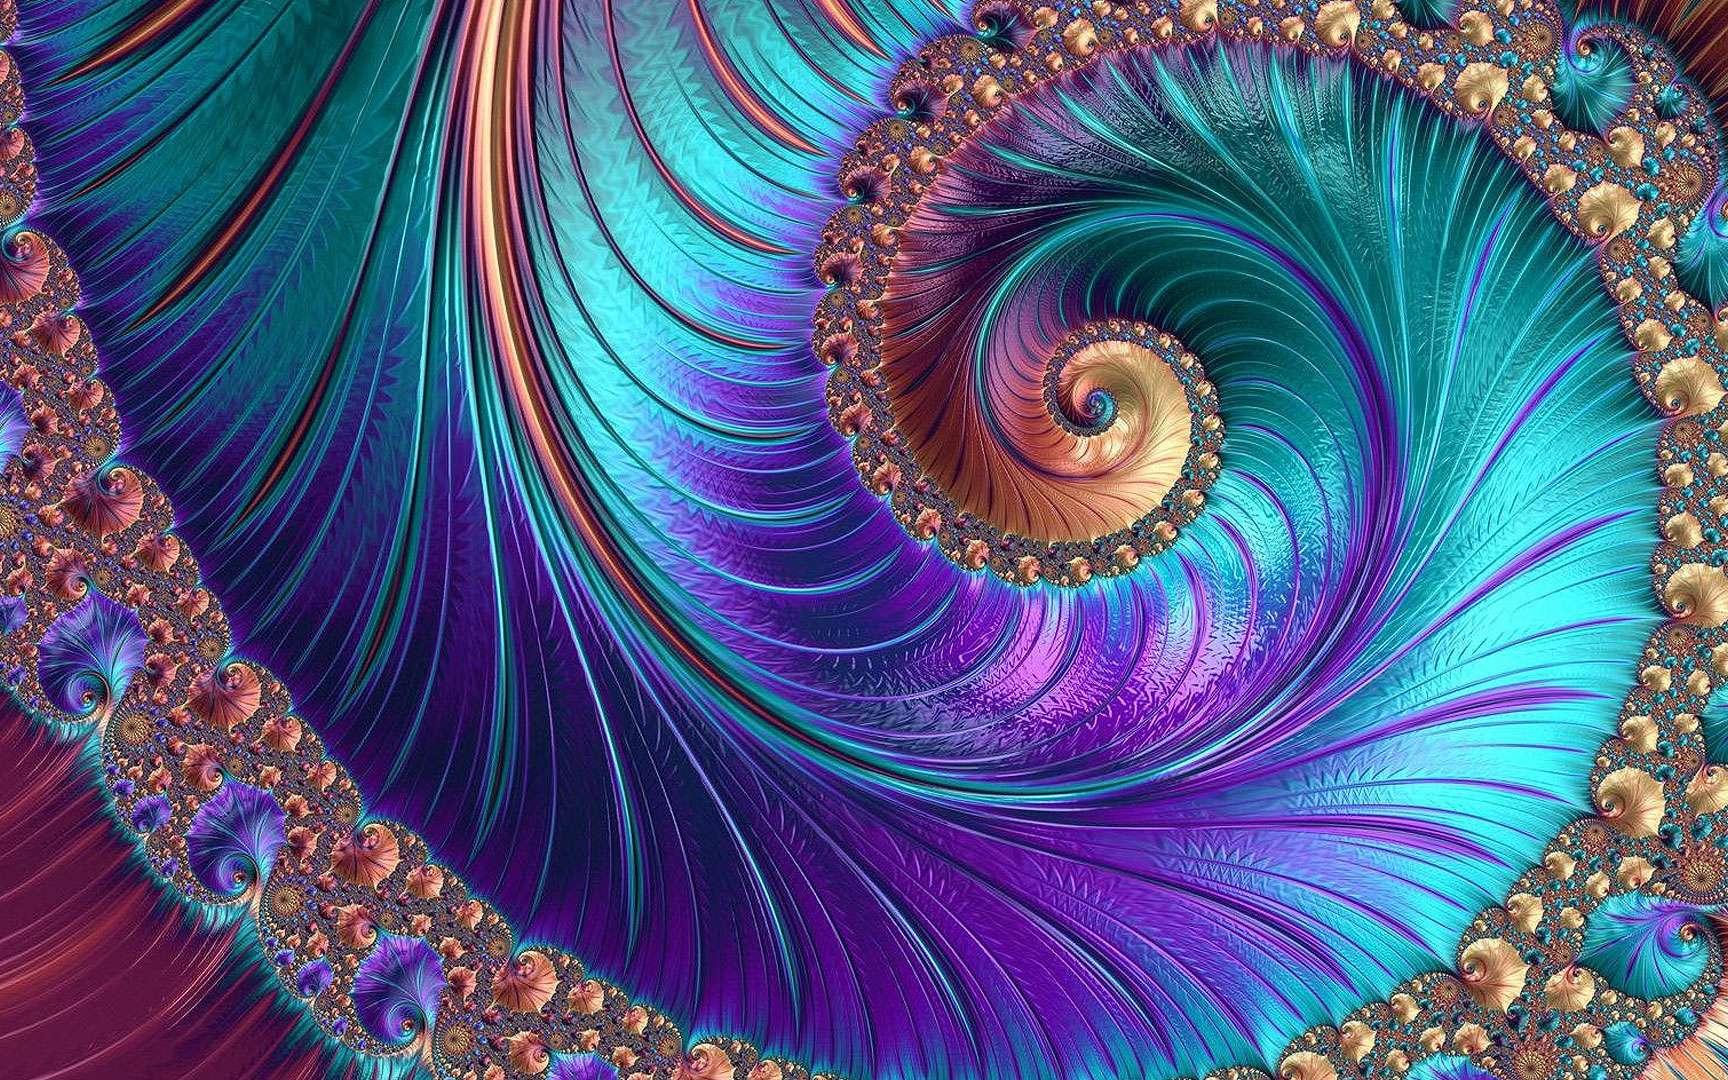 L'art fractal consiste à produire des images grâce à des logiciels générant des fractales. © Kobol75, Shutterstock